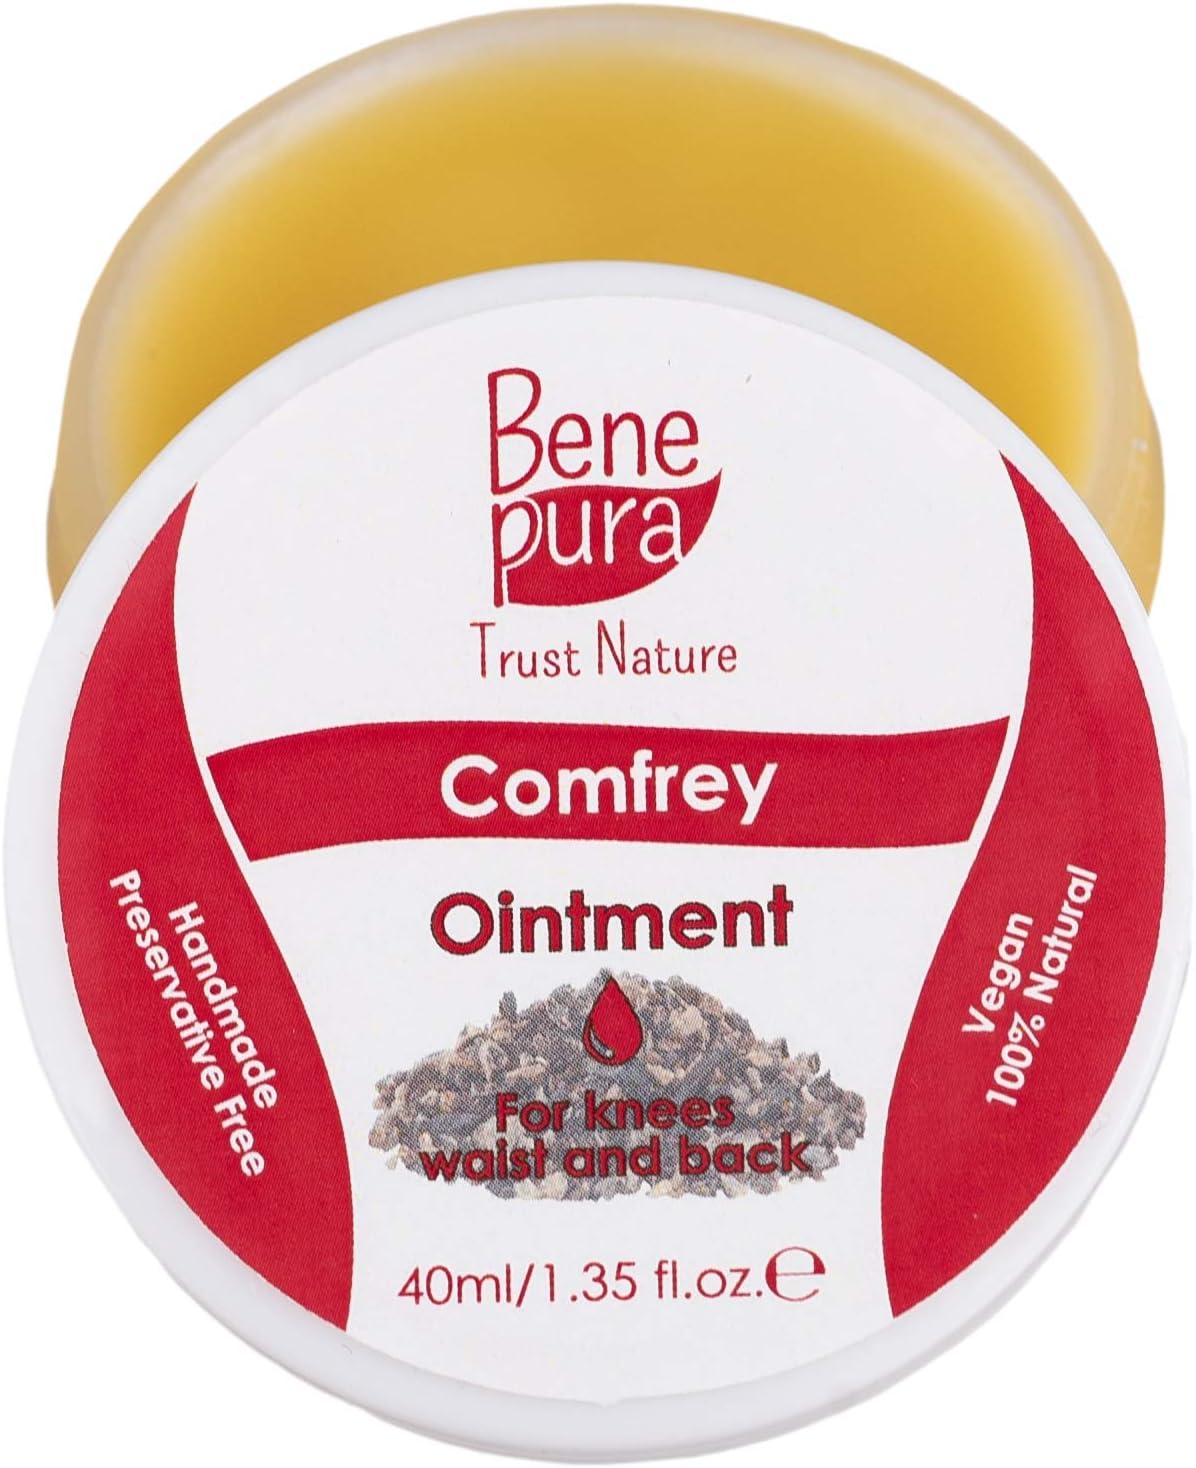 Pomada con omán negro 40 ml, extracto de aceite frío, 100% natural – ante dolores en los articulaciones – concentrado puro de la naturaleza – hecho a mano en EU